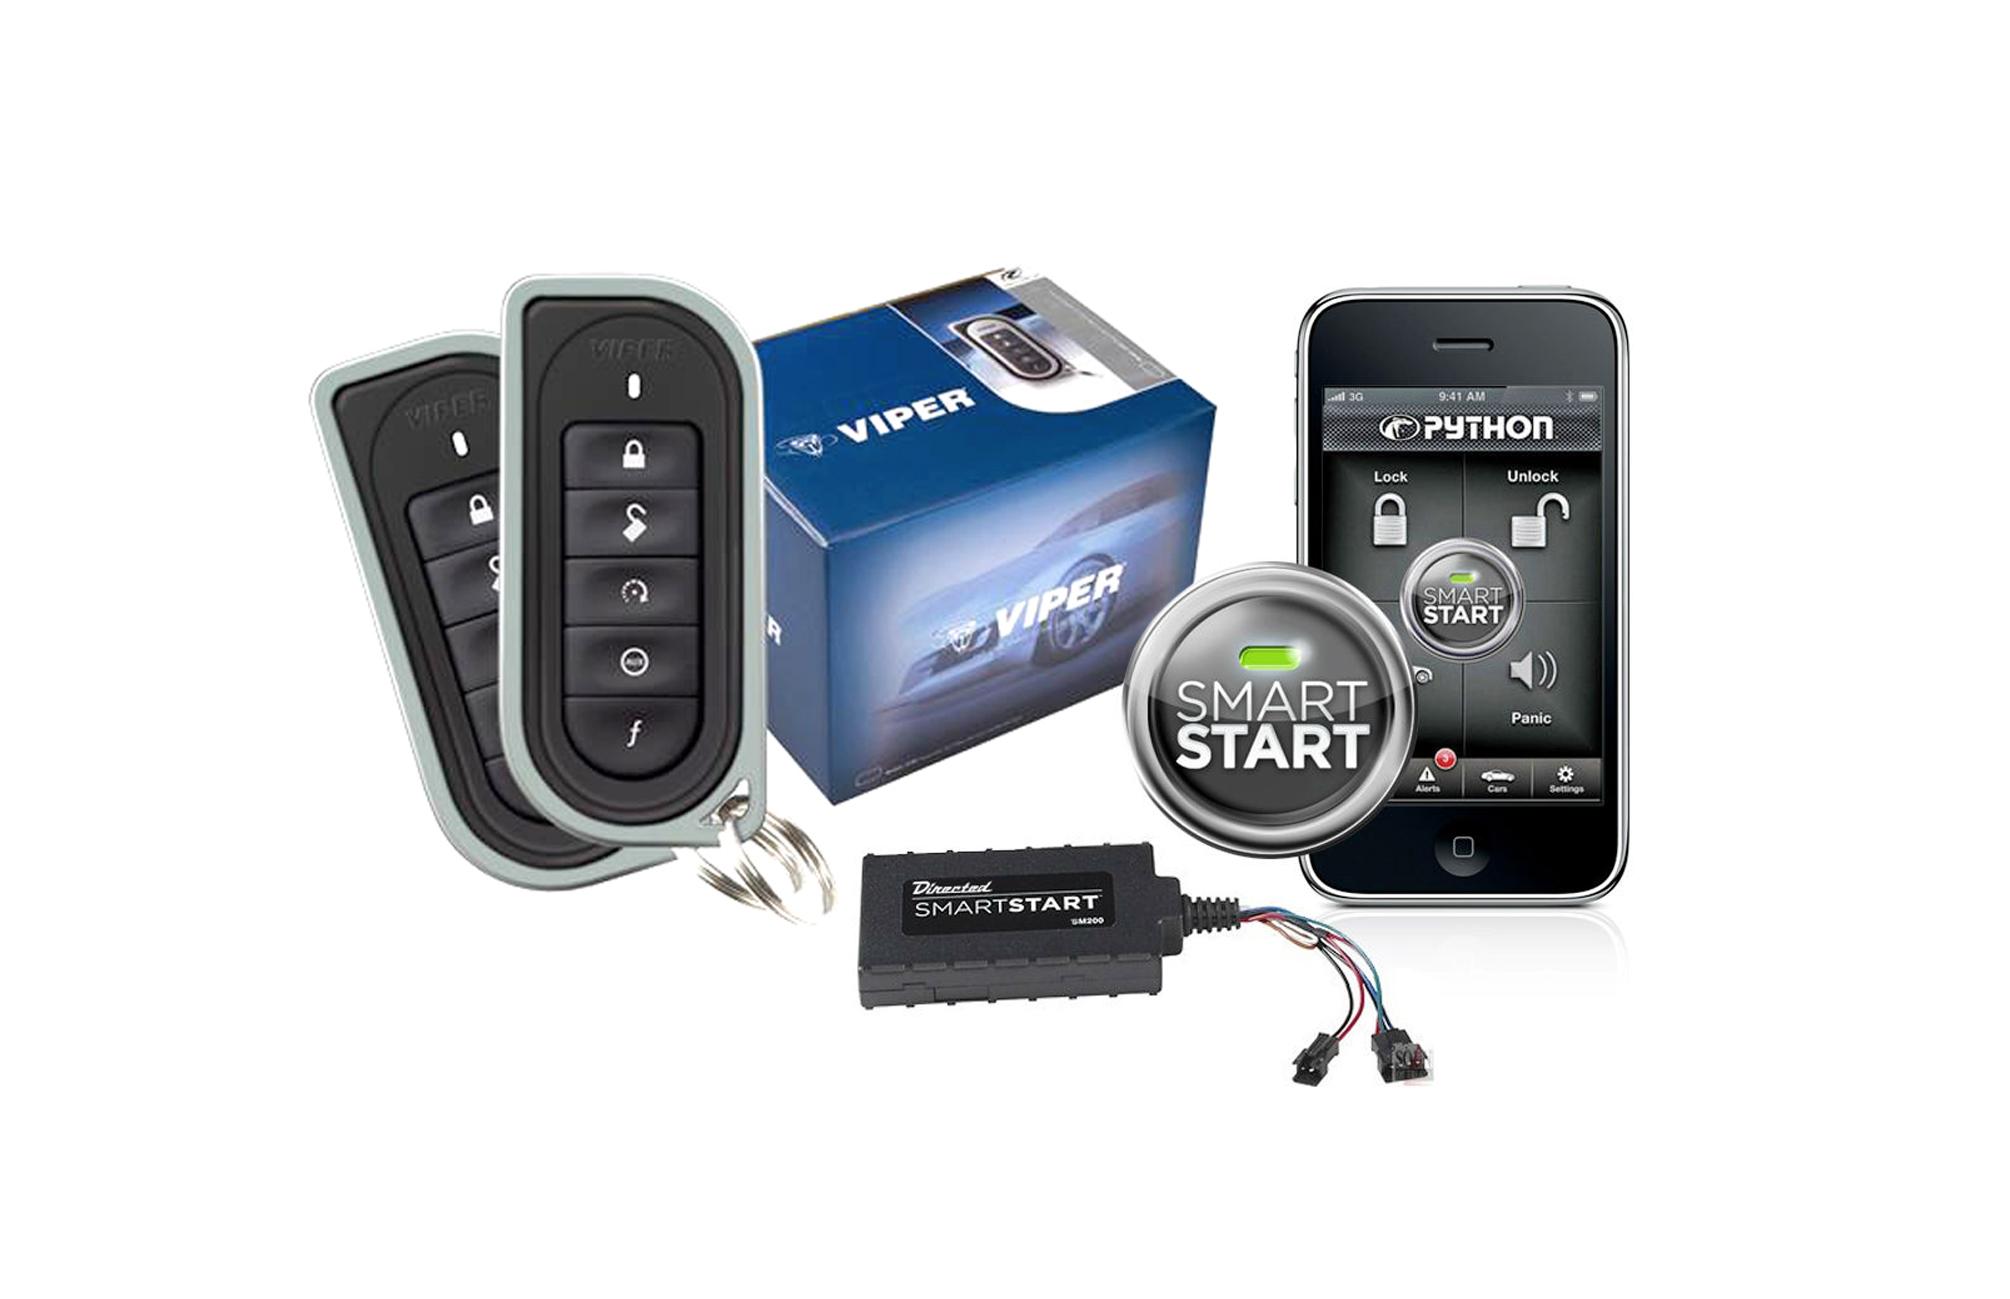 Viper 5101 Remote Car Starter 4102V W/ DSM200 Smart Start